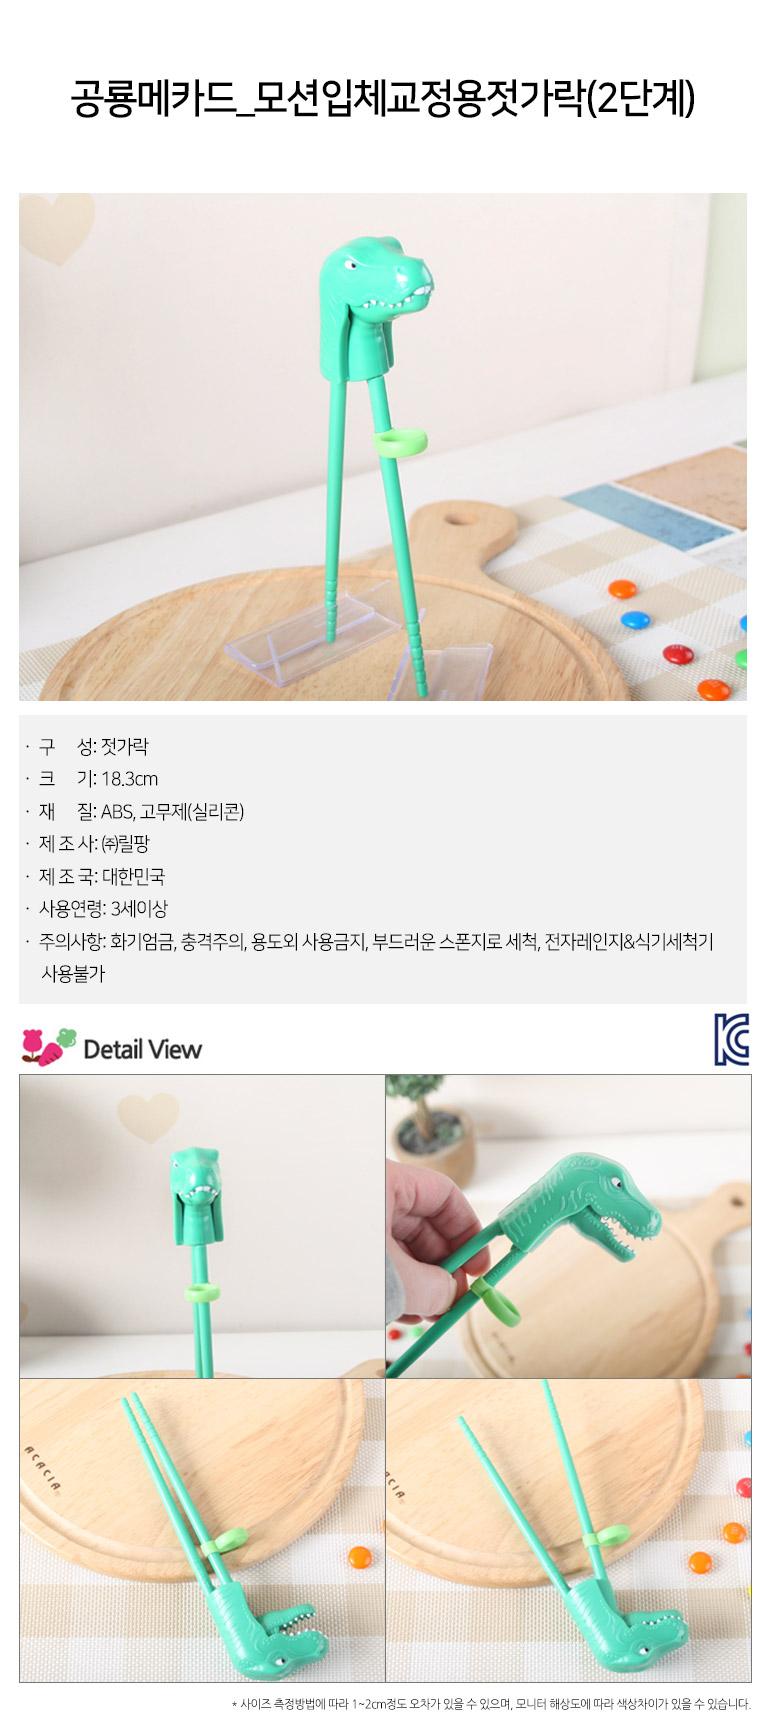 공룡메카드_모션입체교정용젓가락(2단계) 2124 - 키키월드, 6,000원, 유아식기/용품, 수저/포크/젓가락